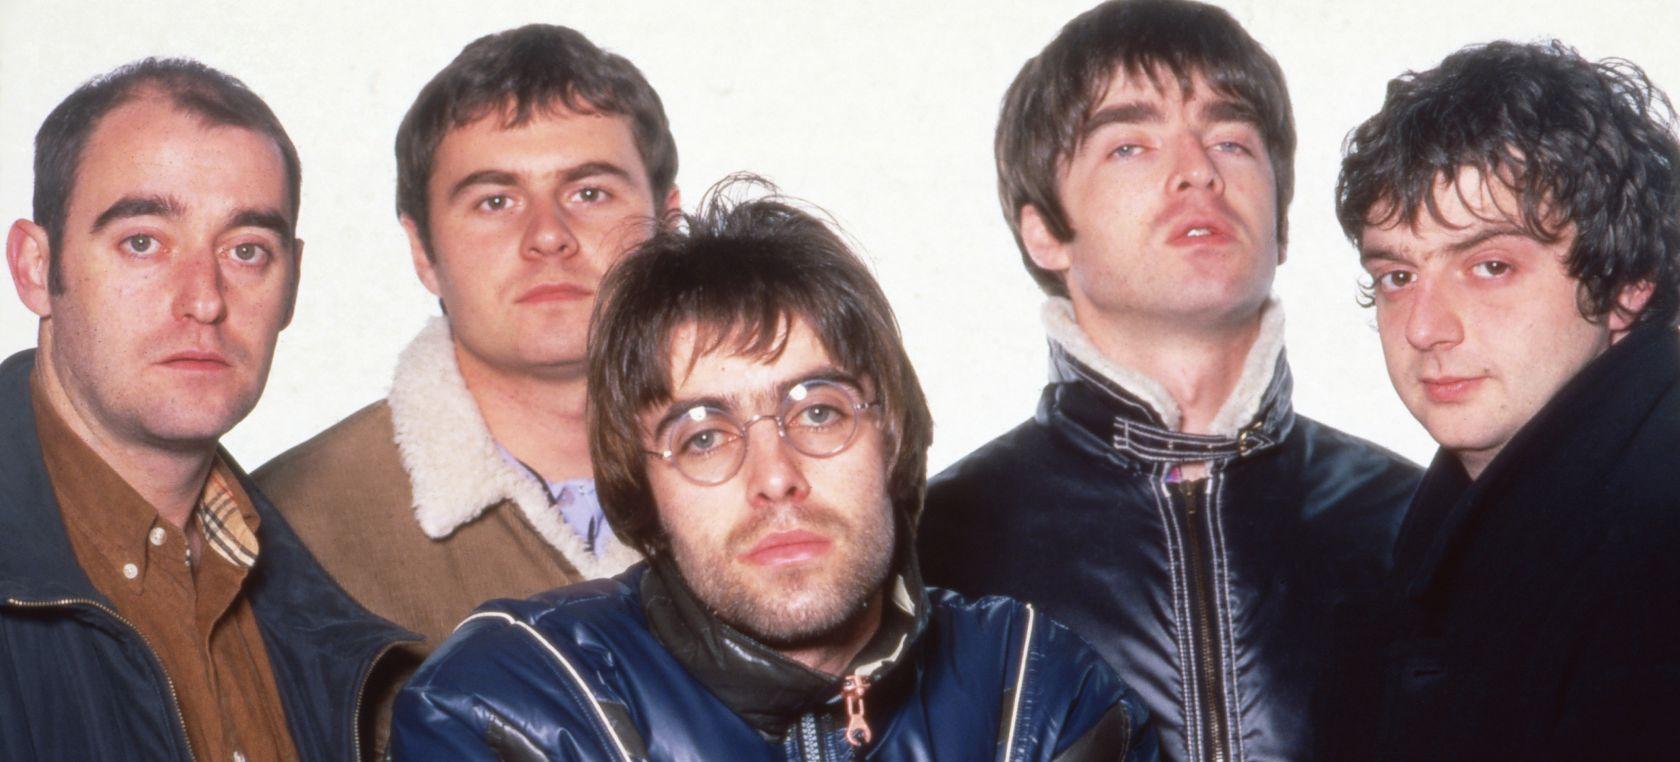 El día que Oasis consiguieron su primer Nº1 en una Lista 40 en la que también estaban AC/DC y Alejandro Sanz | LOS40 Classic | LOS40